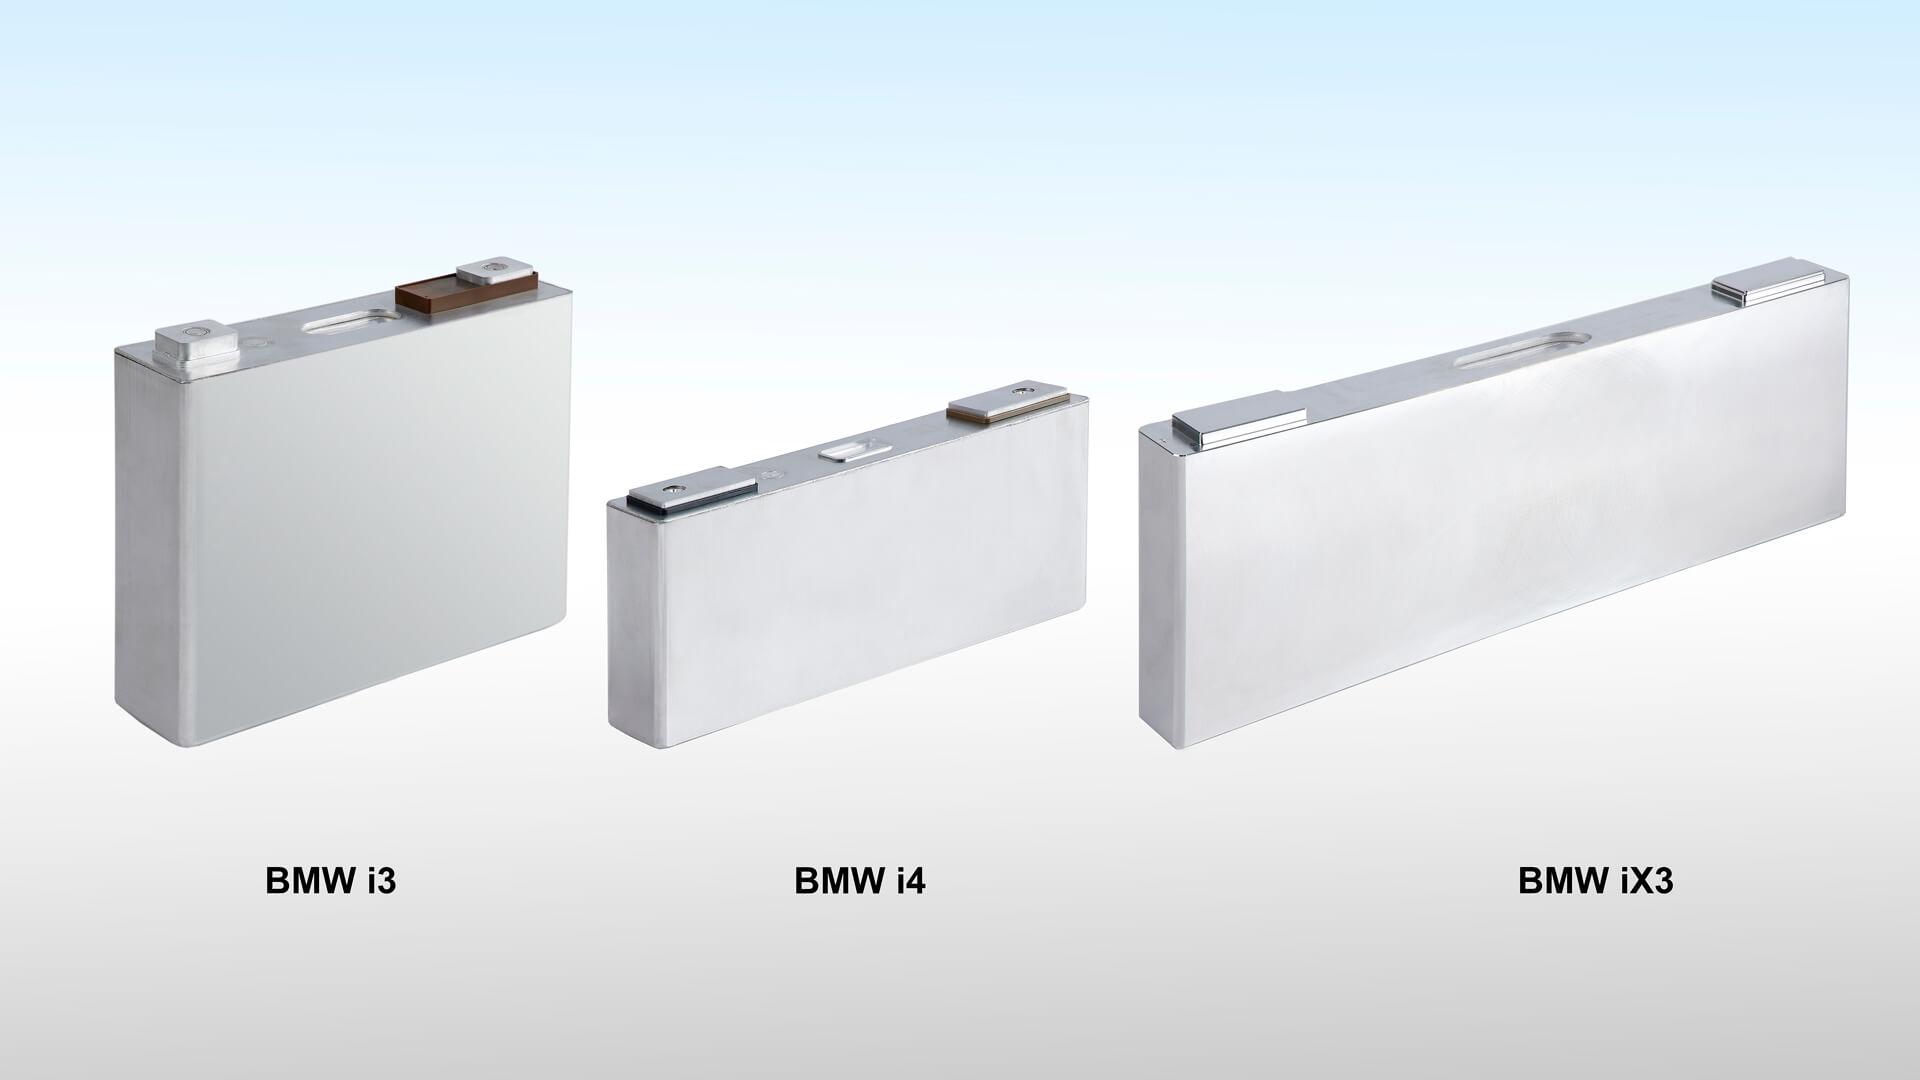 Призматический дизайн аккумуляторных ячеек BMW